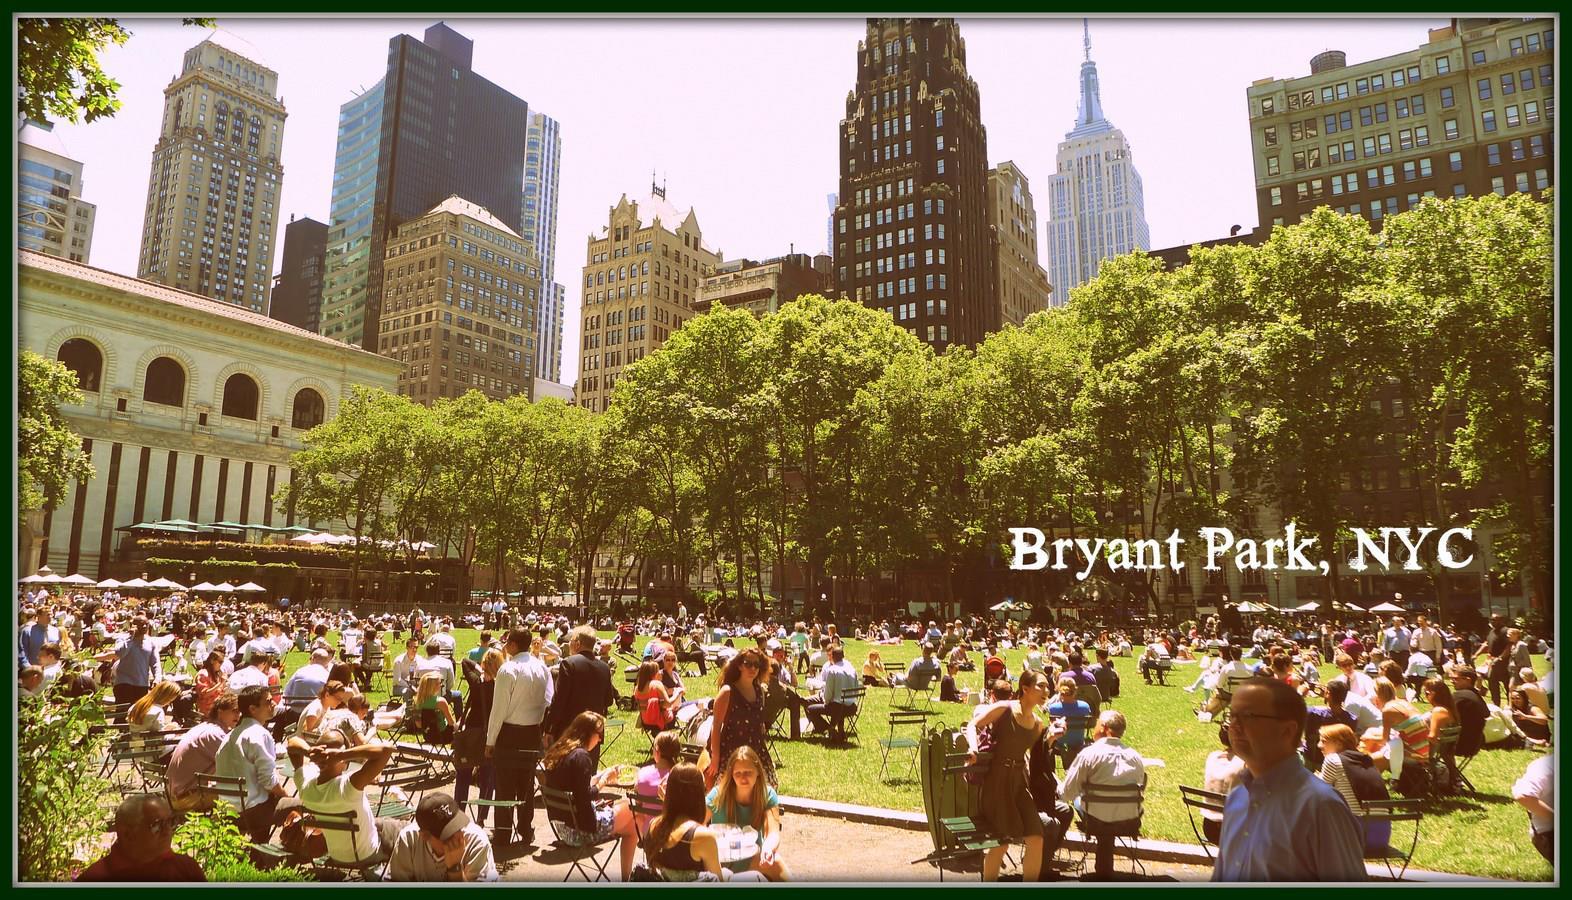 Bryant Park New York - June 2013.jpg